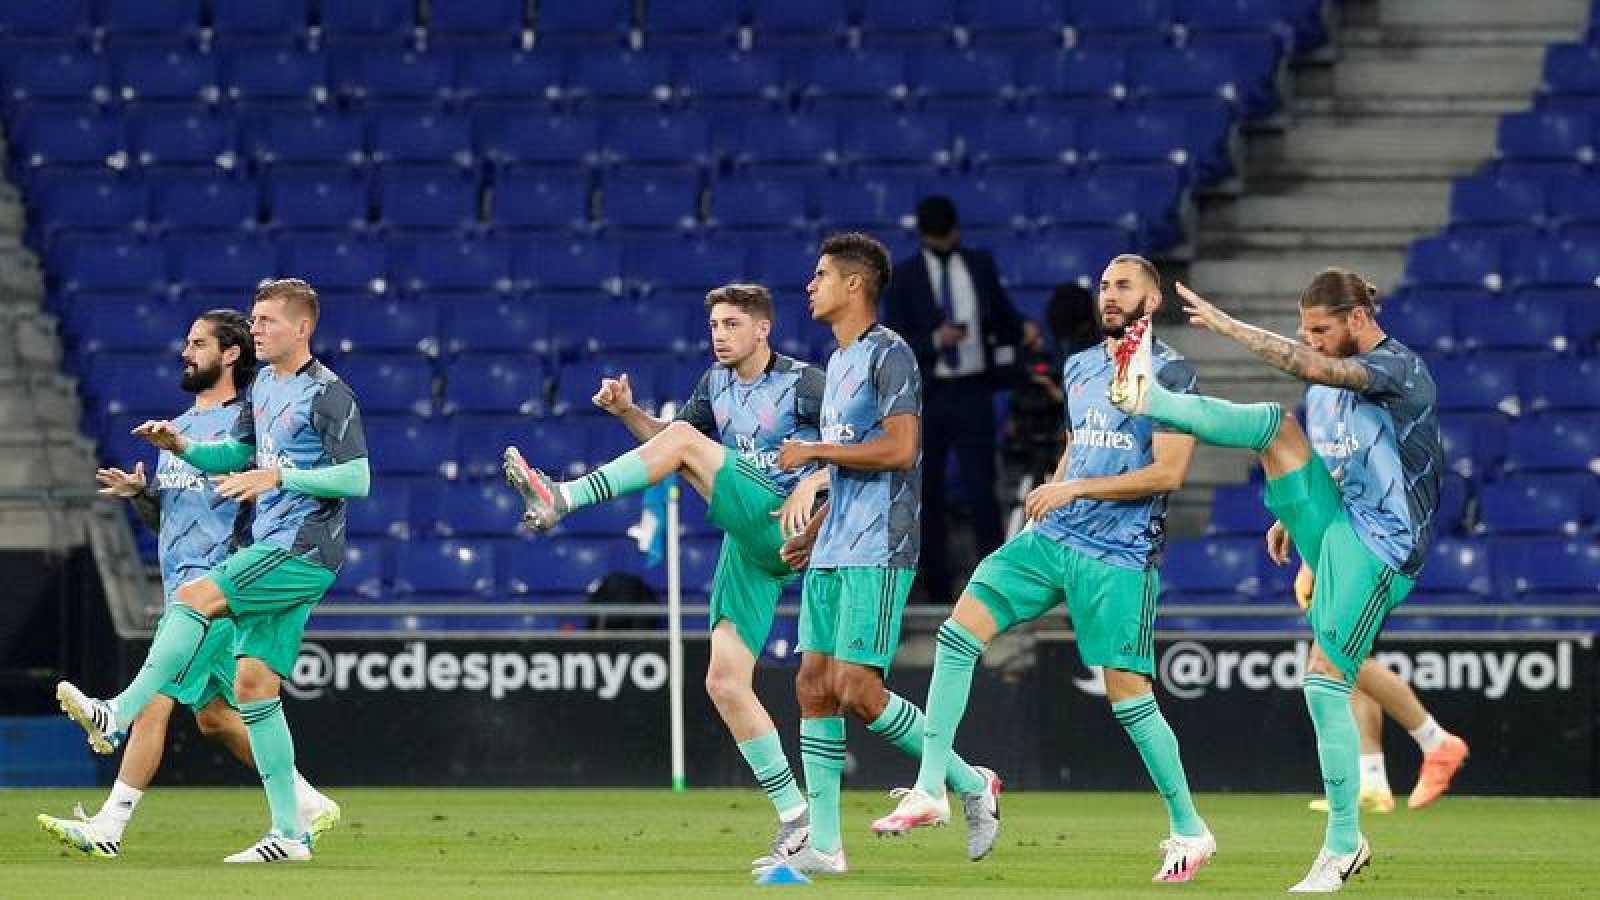 Los jugadores del Real Madrid calientan antes del partido contra el Espanyol de la jornada anterior.